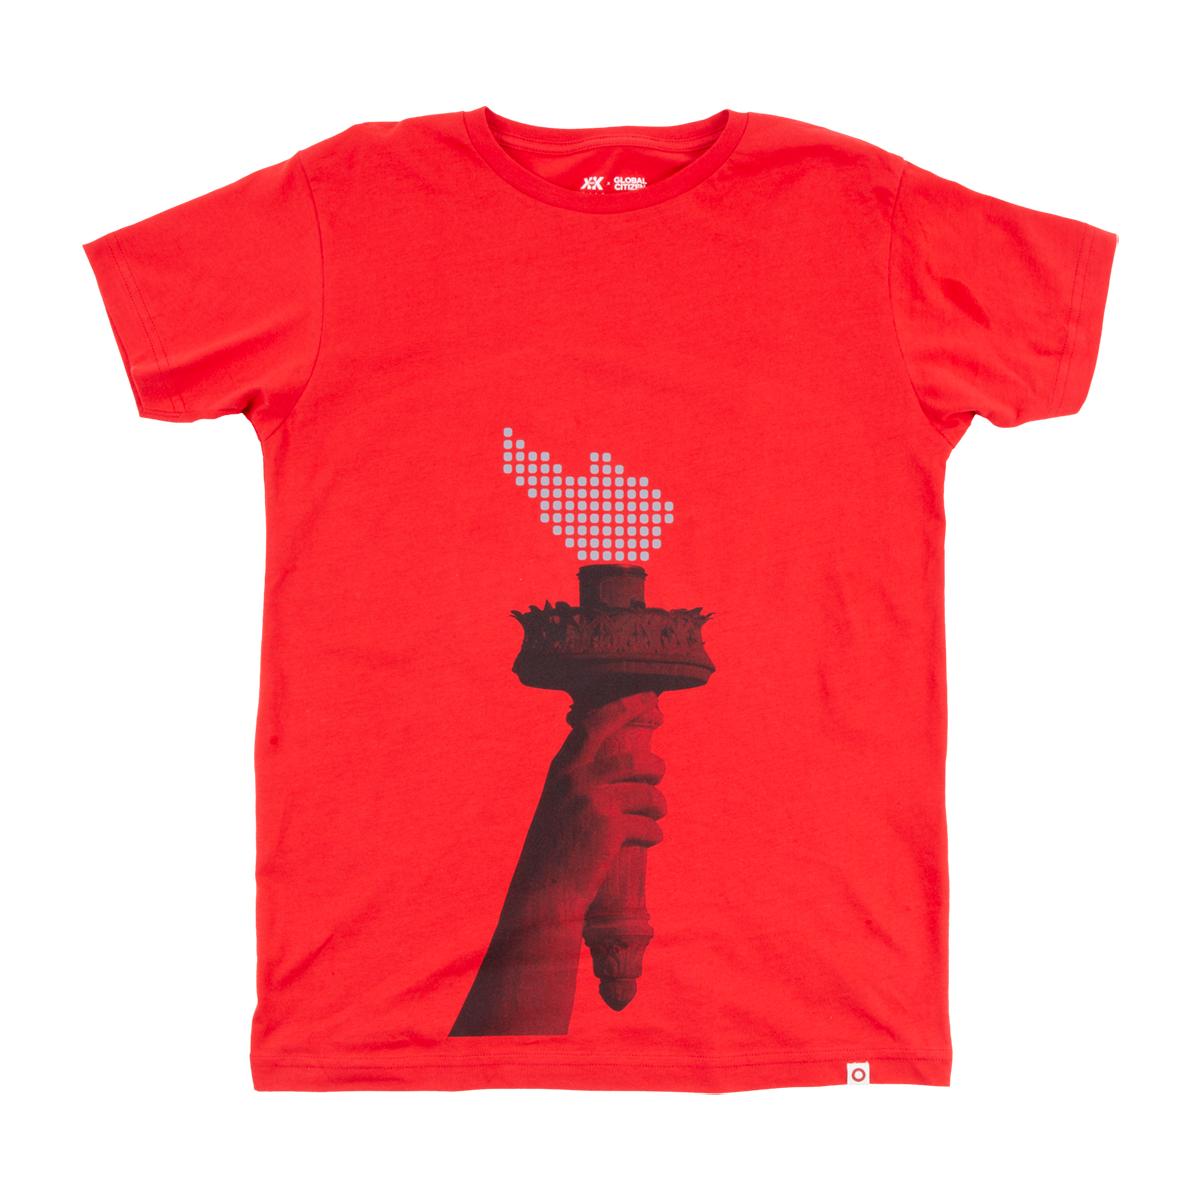 Global Citizen Red Torch T-shirt